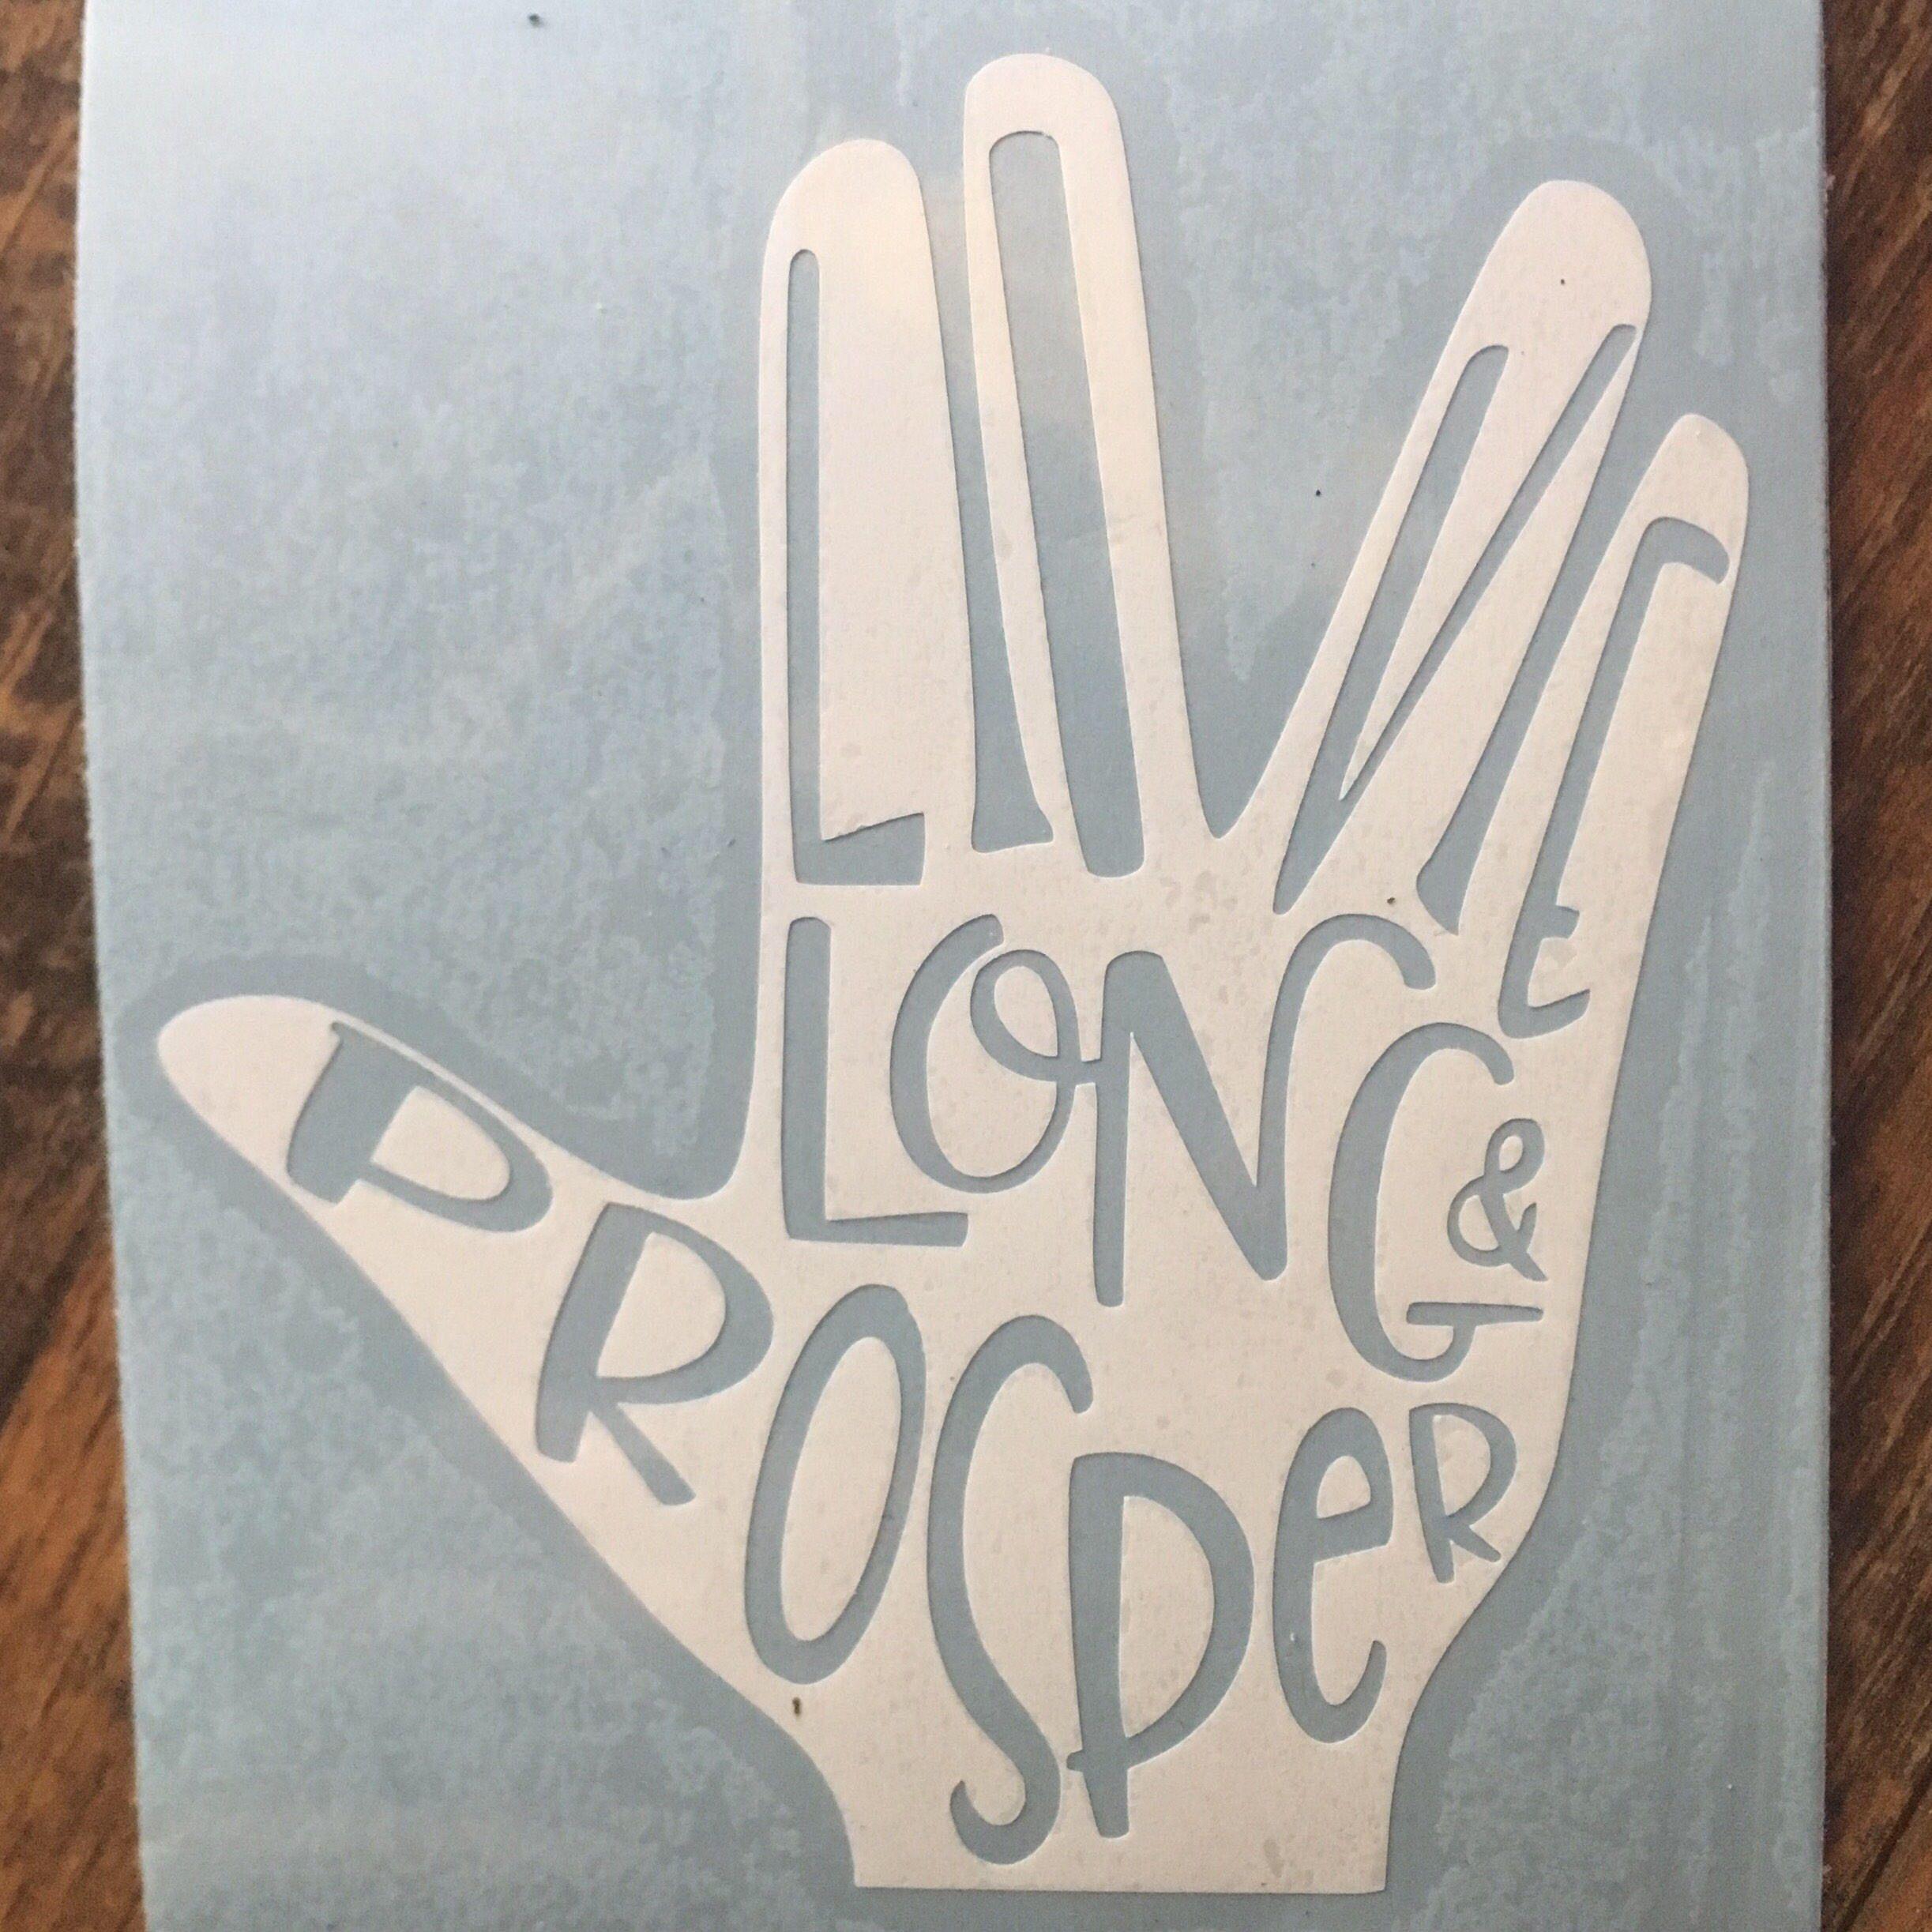 Spock Vulcan Star Trek Inspired Live Long And Prosper Car Laptop Or Decor Vinyl Decal By Owliecupcakedesigns On Vulcan Star Trek Inspired Living Star Trek [ 2446 x 2446 Pixel ]